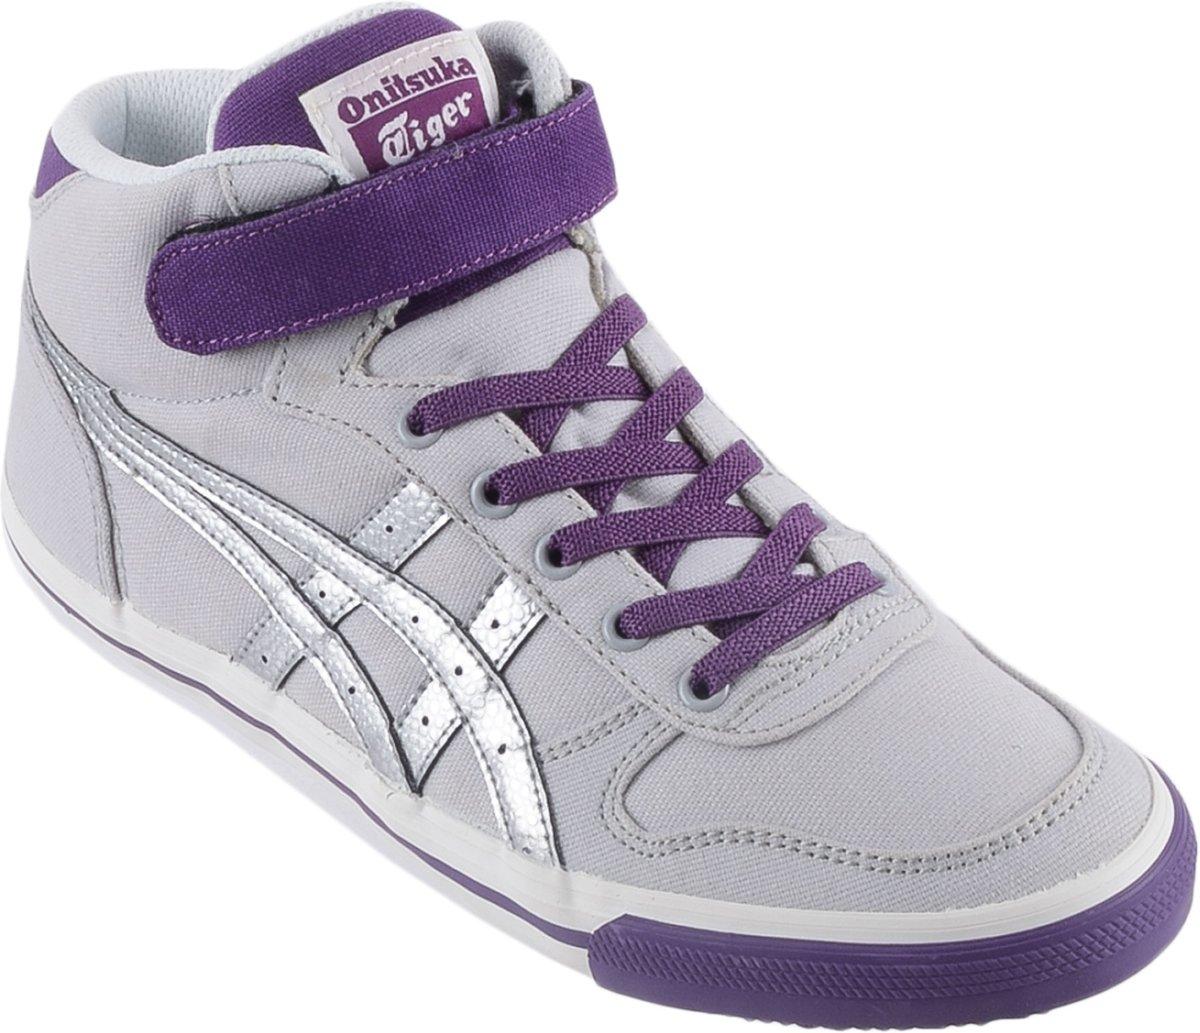 Asics Aaron Mt - Chaussures De Sport - Enfants - Taille 33 - Gris CjQQiI6